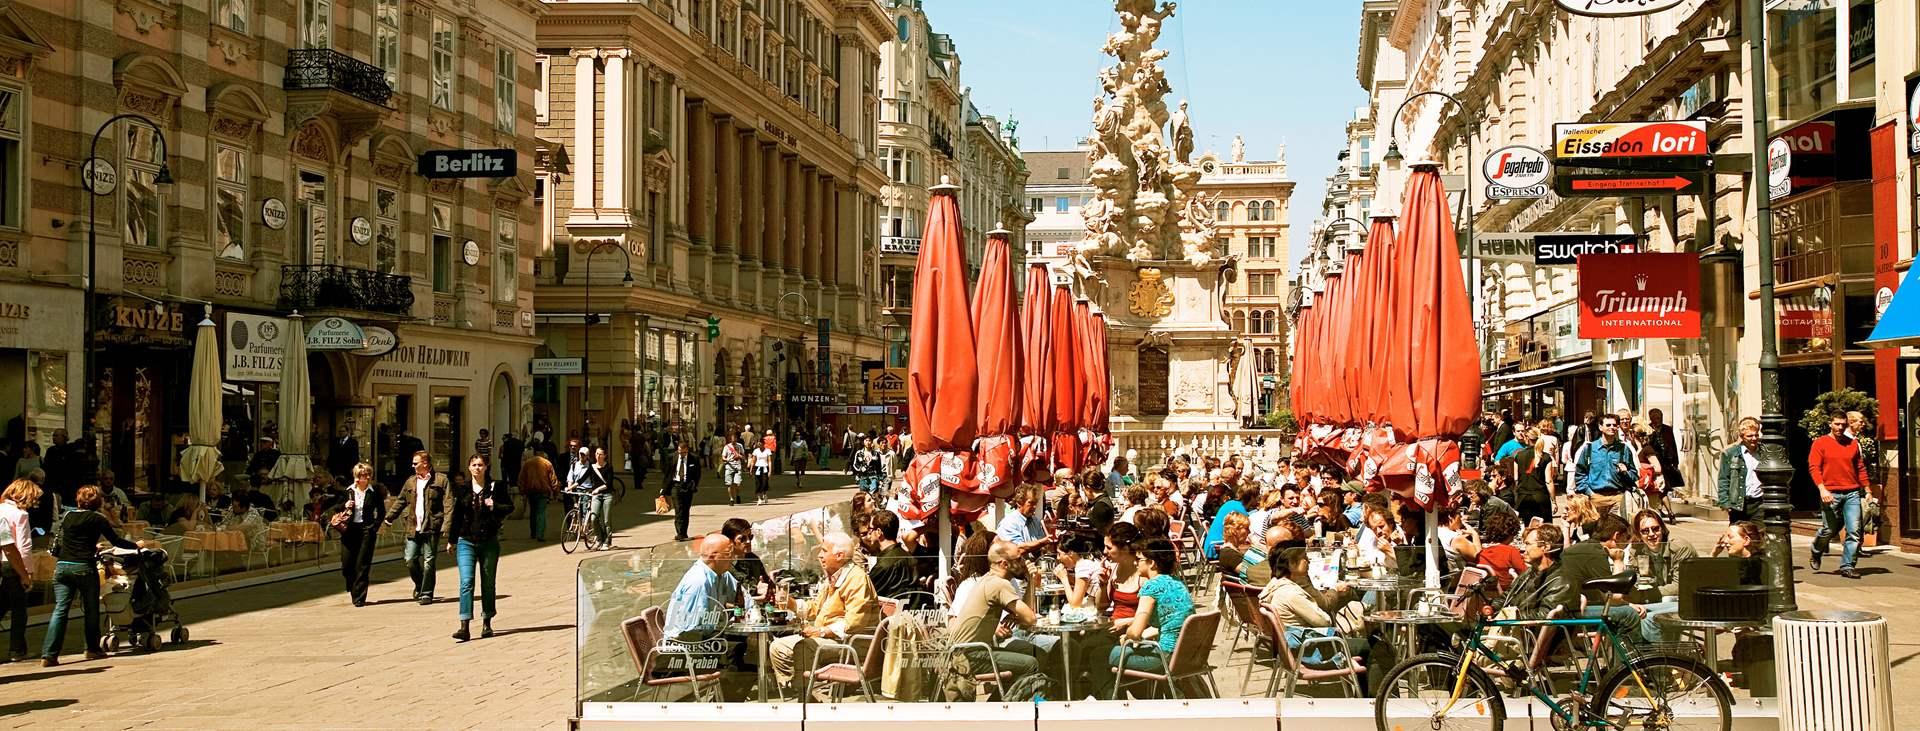 Bestill en reise med Ving til Wien